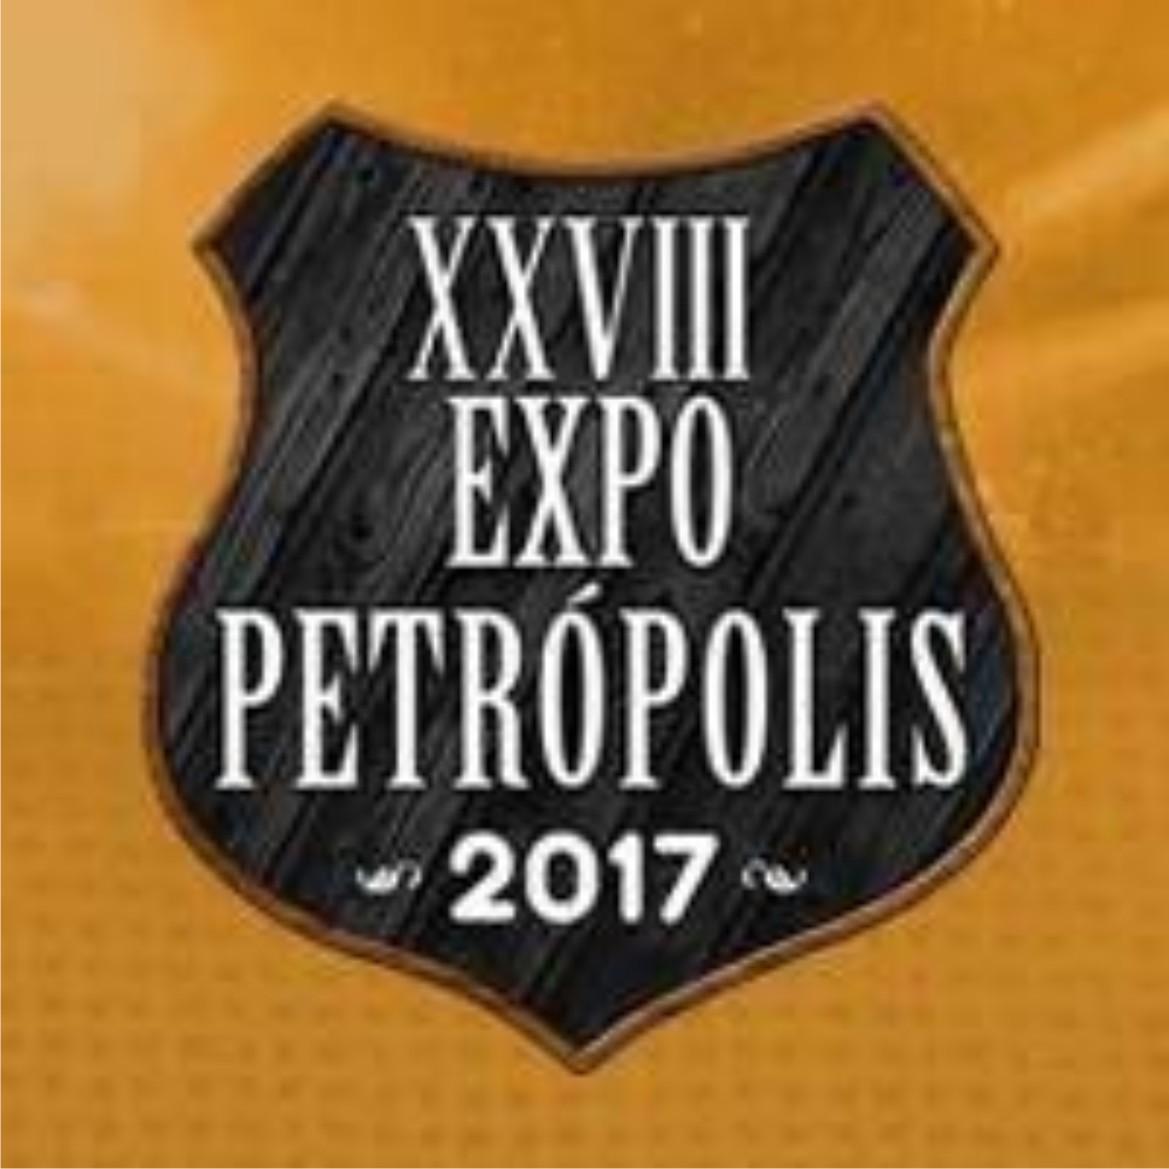 XXVIII Exposição Agropecuária.